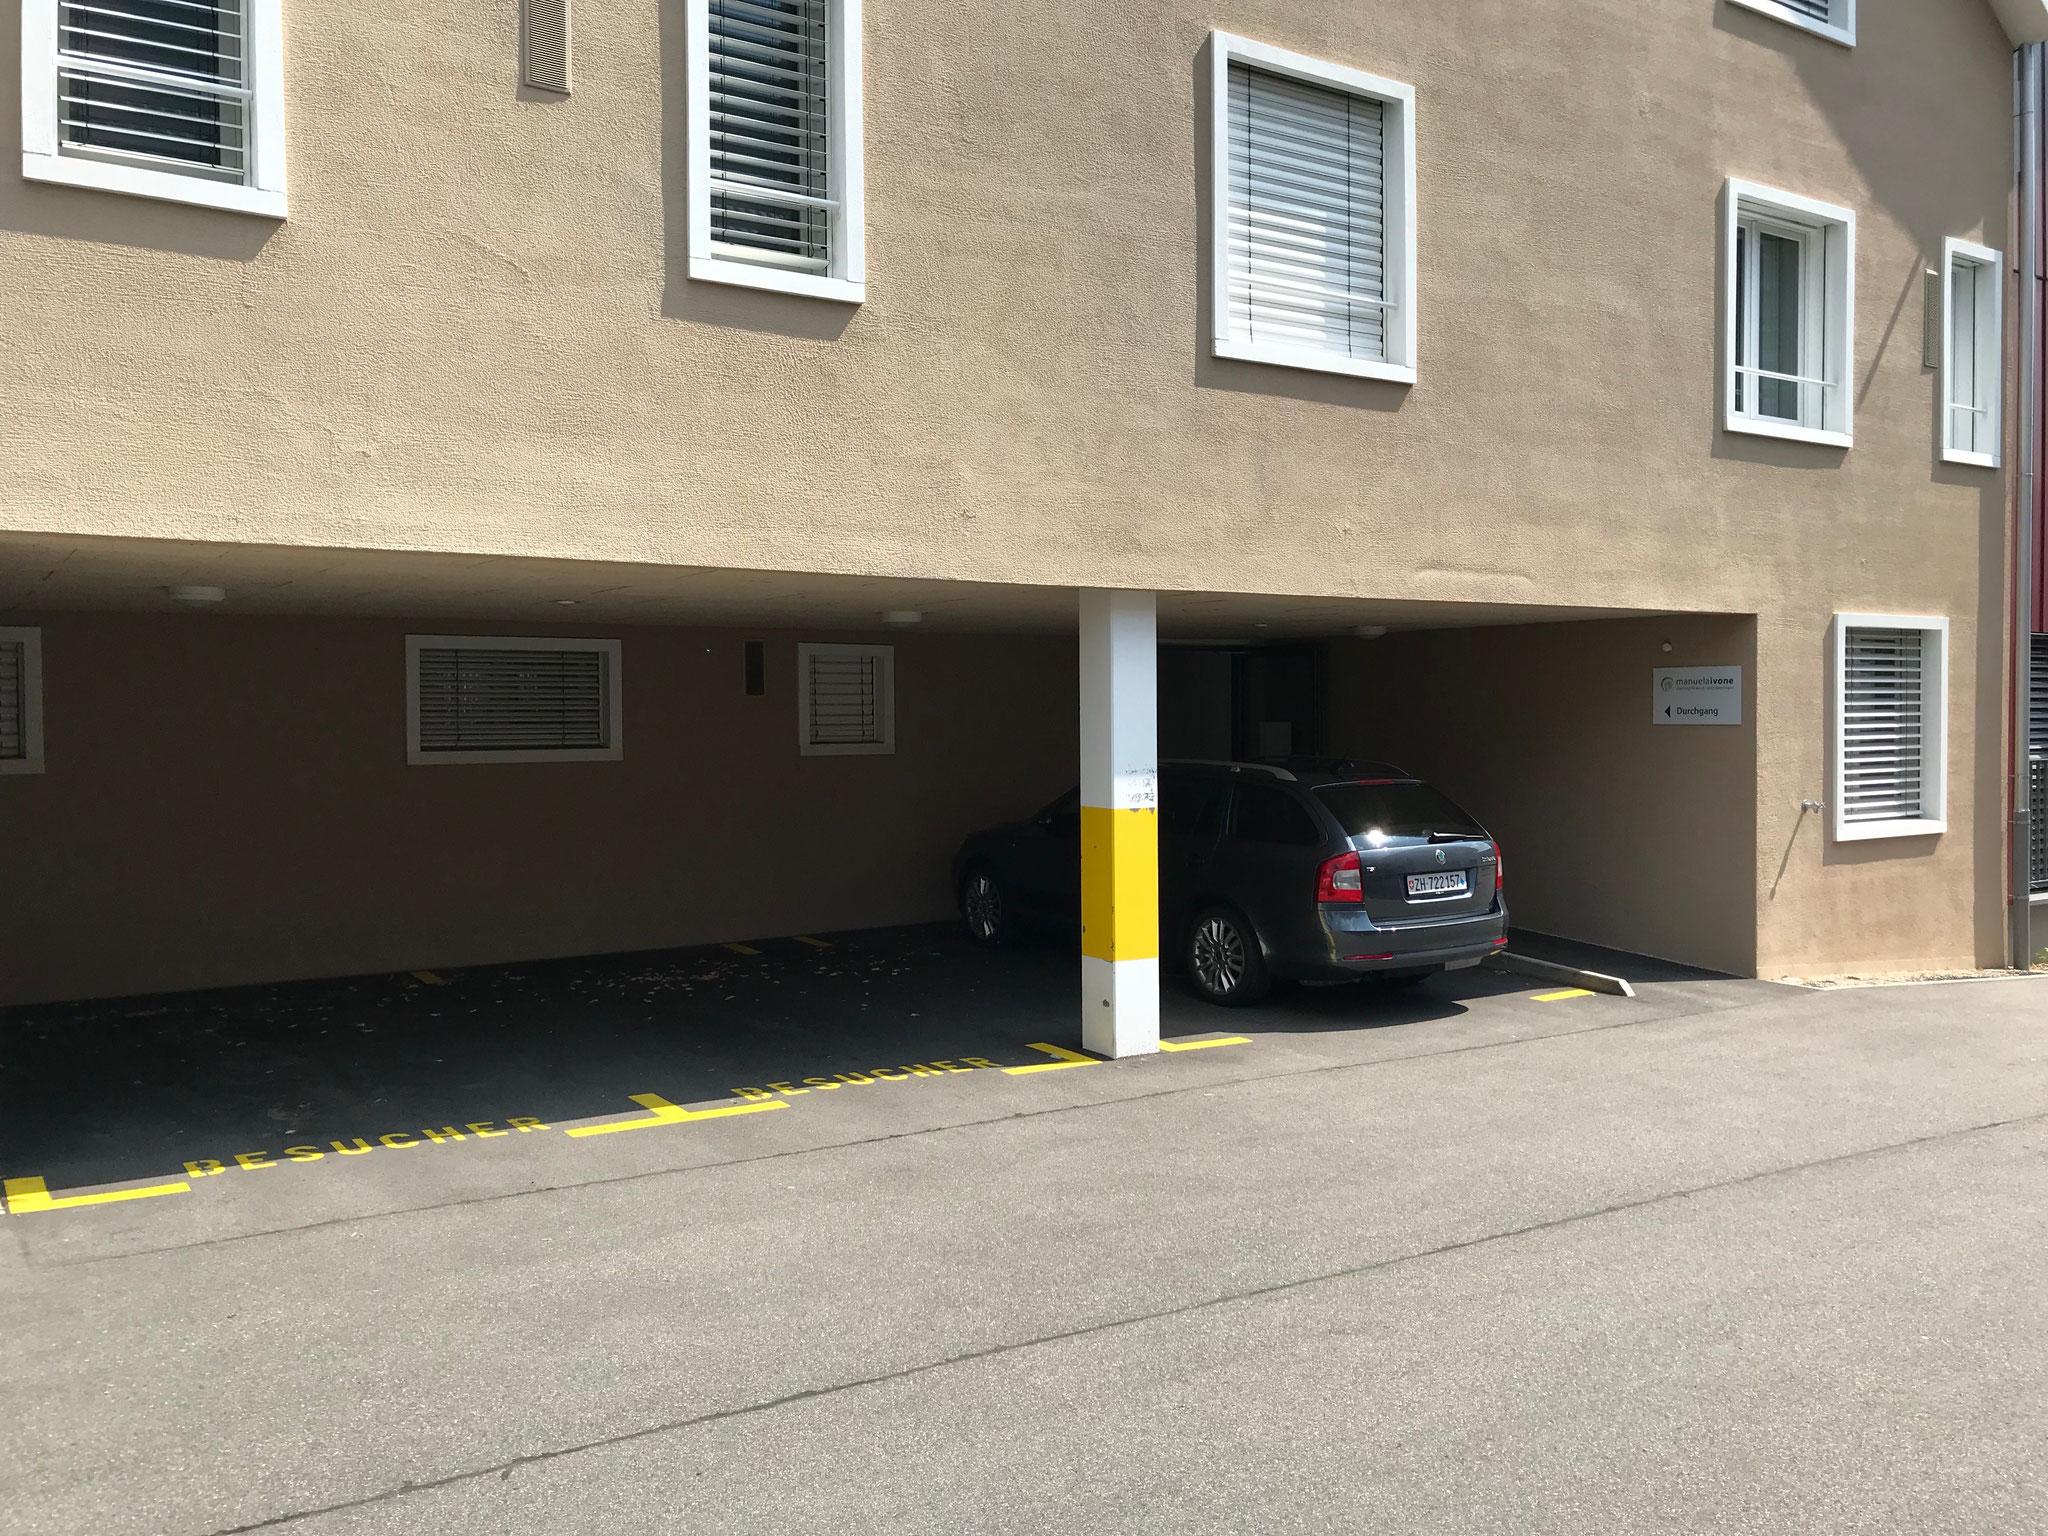 auf den Besucherparkplätzen parken...